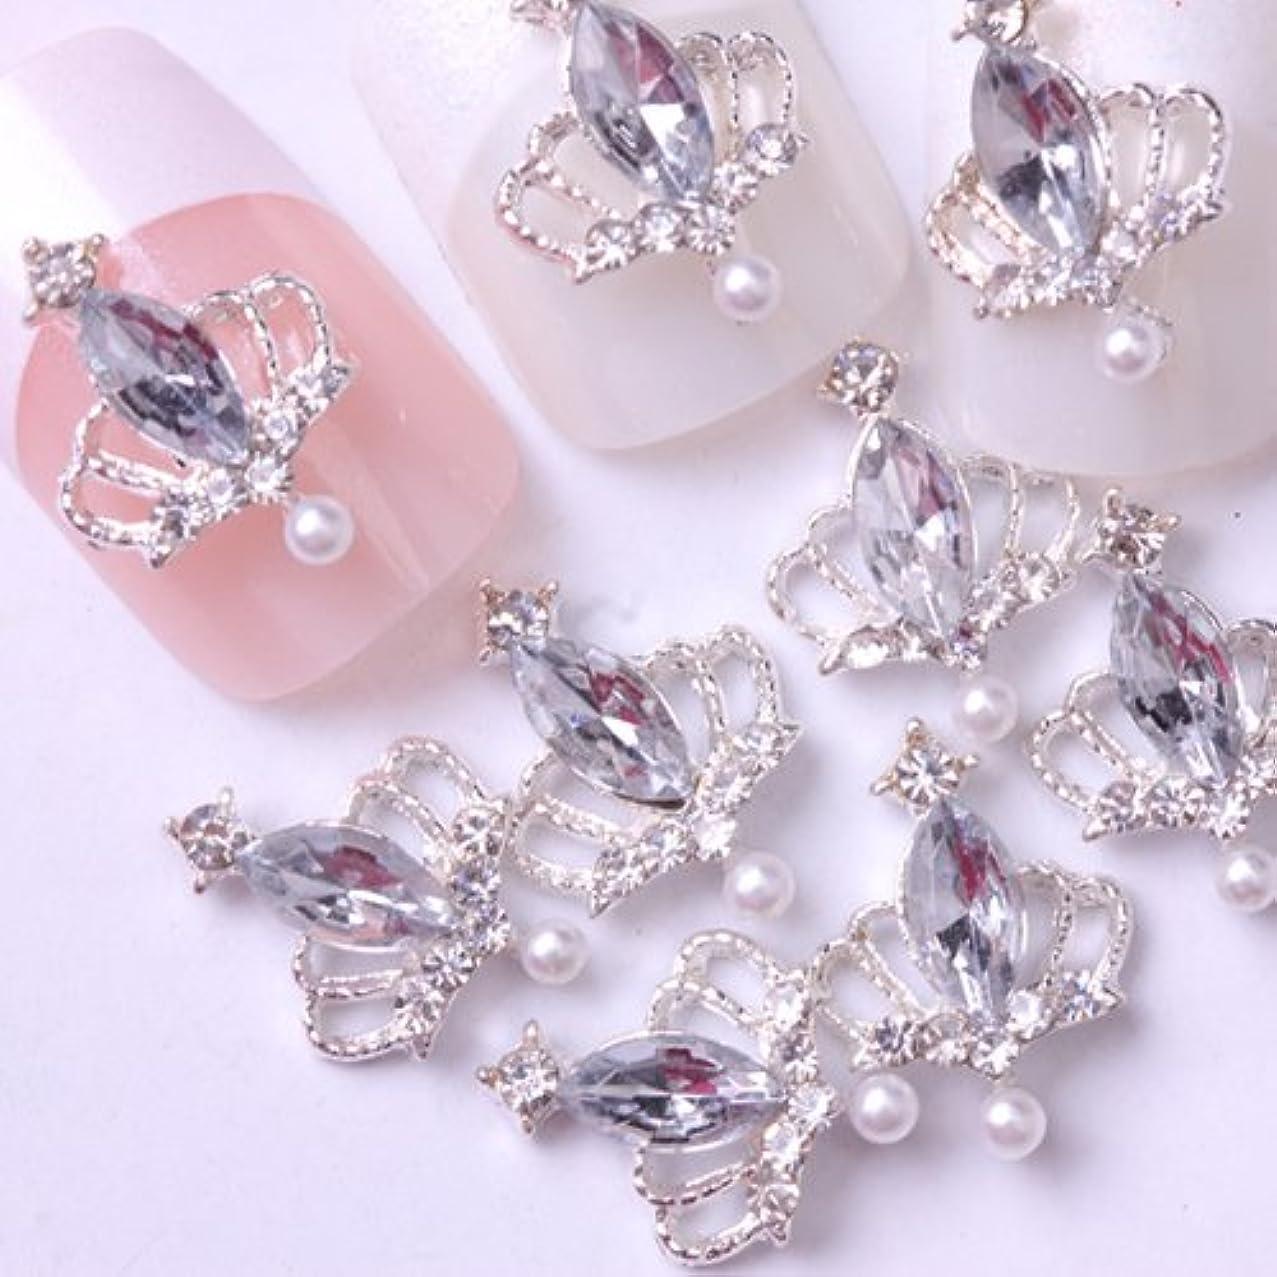 汚物最適仮称ダイヤモンド ラインストーン 合金ネイルアート 装飾チャーム ジュエリー 10個入り 全13スタイル - 09